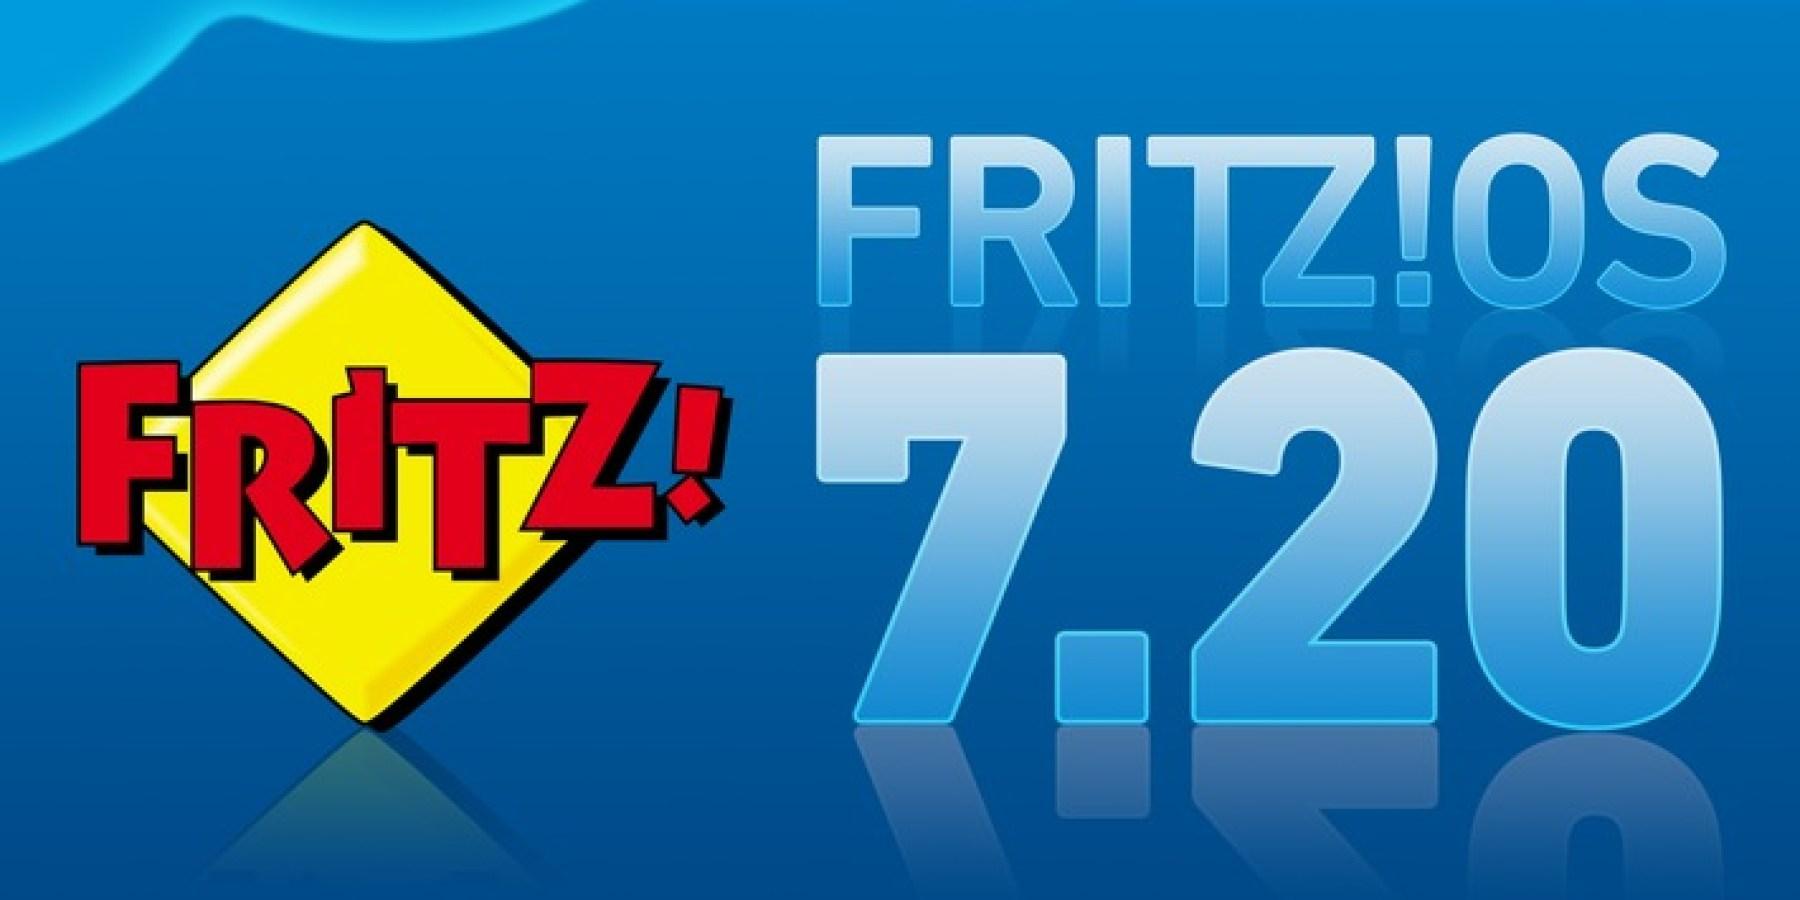 FRITZ!OS 7.20 mit noch mehr Performance, Komfort und Sicherheit – über 100 Neuerungen